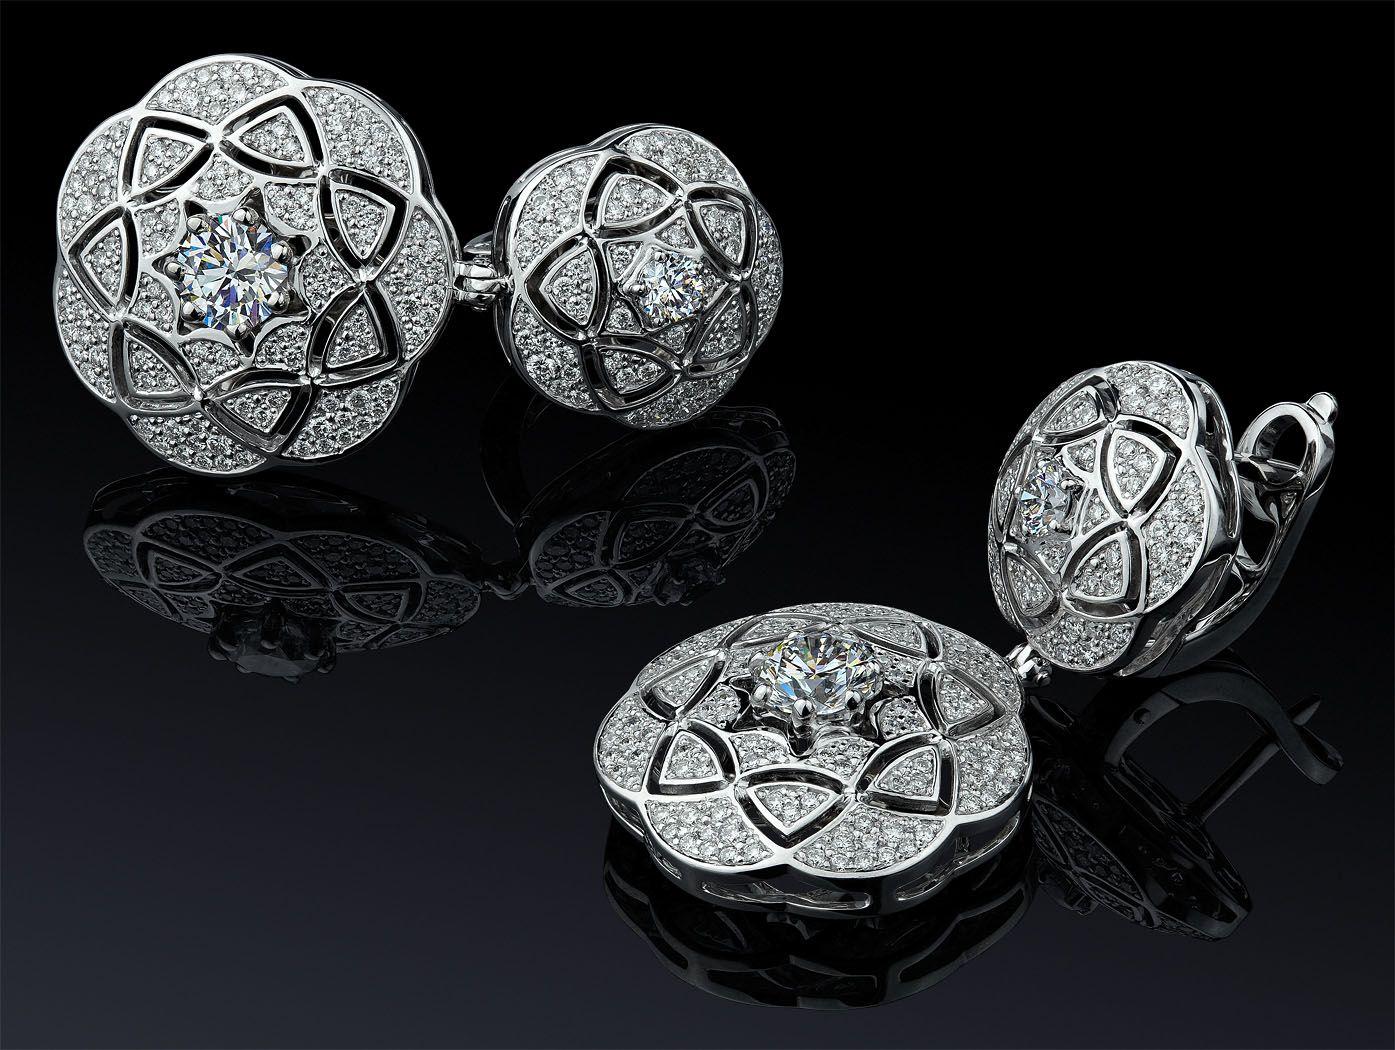 Ювелирные украшения из платины — Инвестиции в золото 687c0f08742